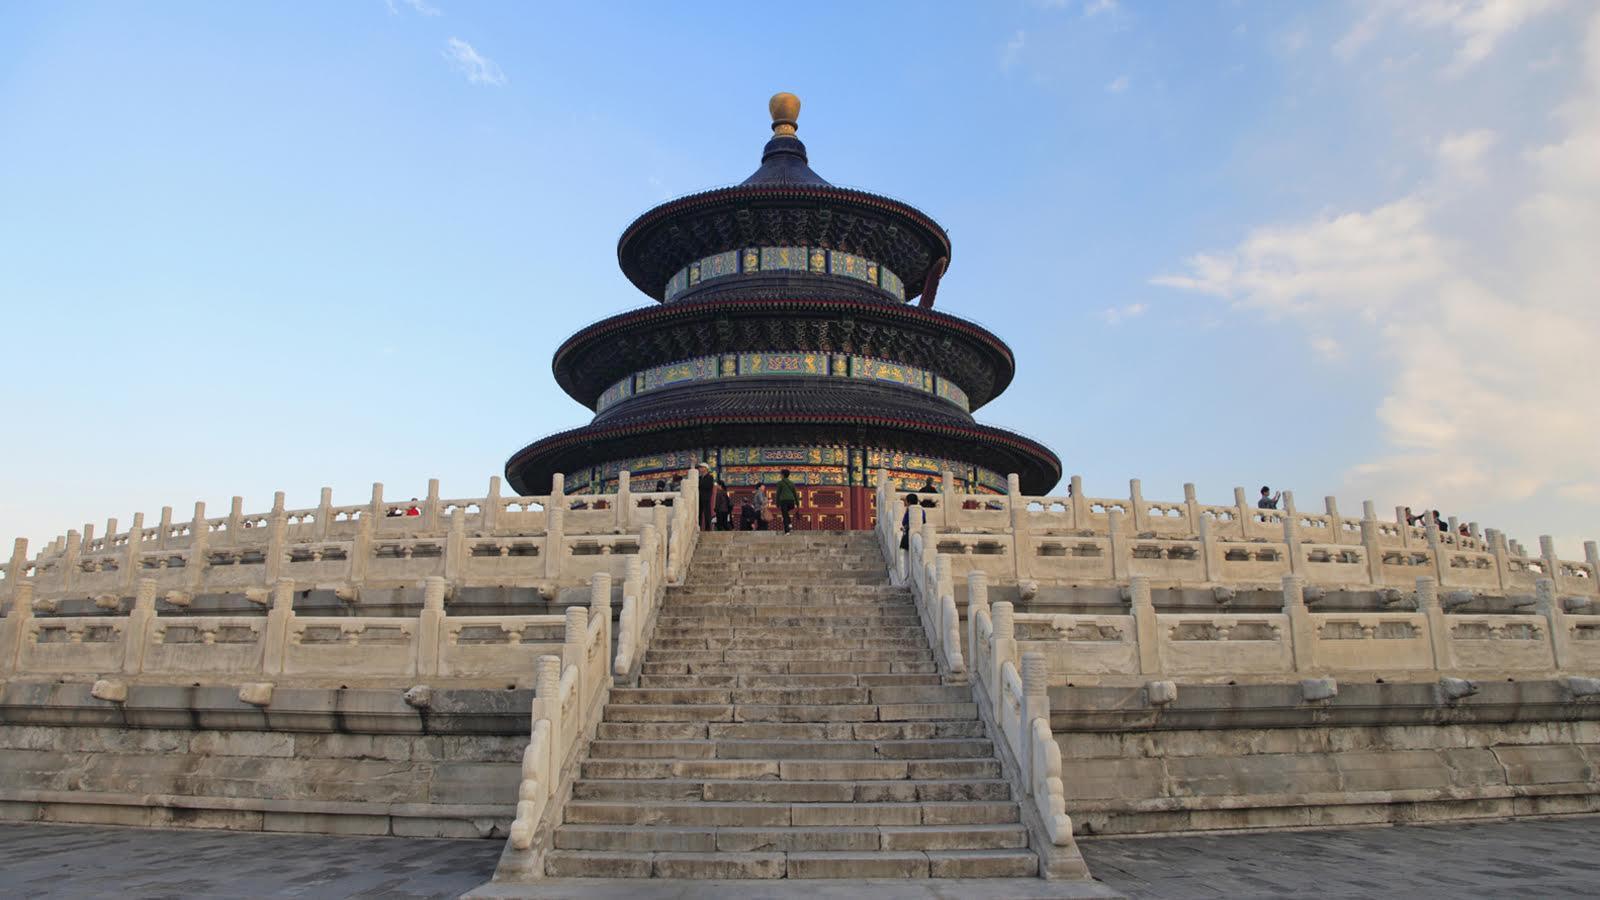 Temple of Heaven in Beijing.